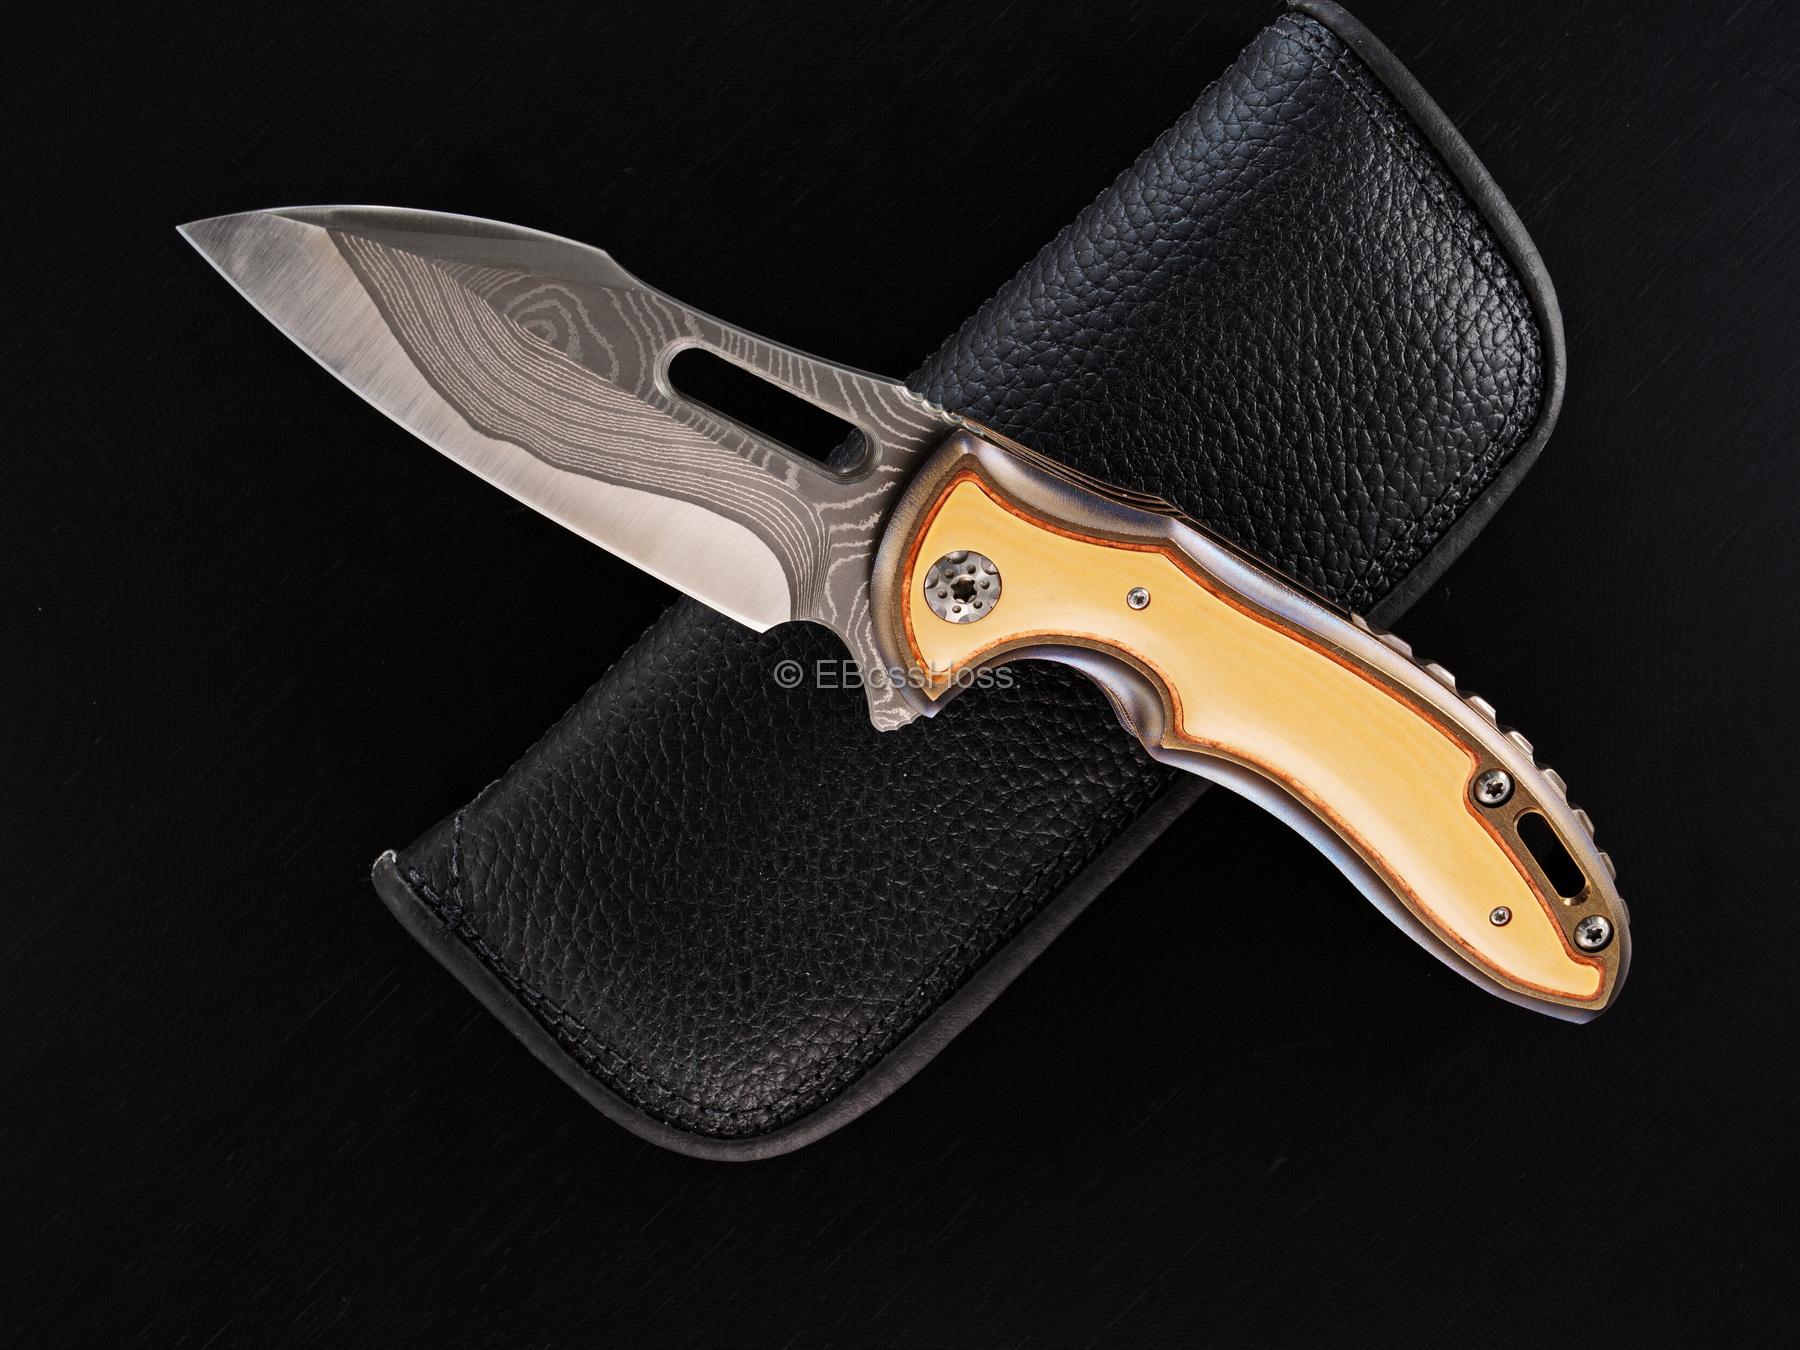 Rick Lala Custom Very Deluxe Sentry Flipper